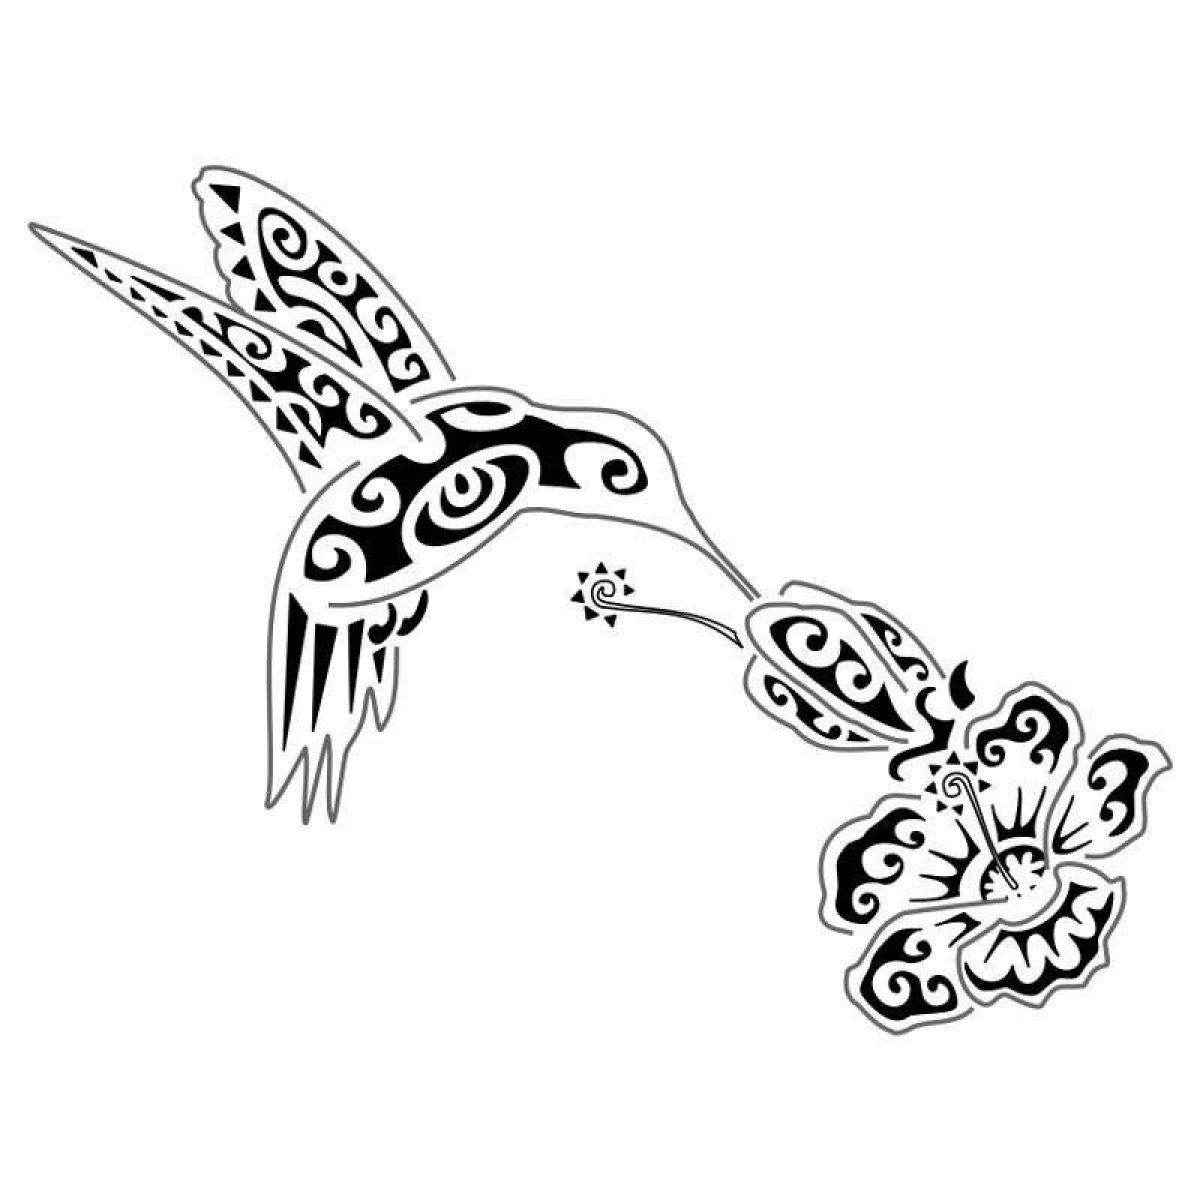 Colibri Tattoo Uomo tatuaggi tribali, significato e simboli dei disegni più